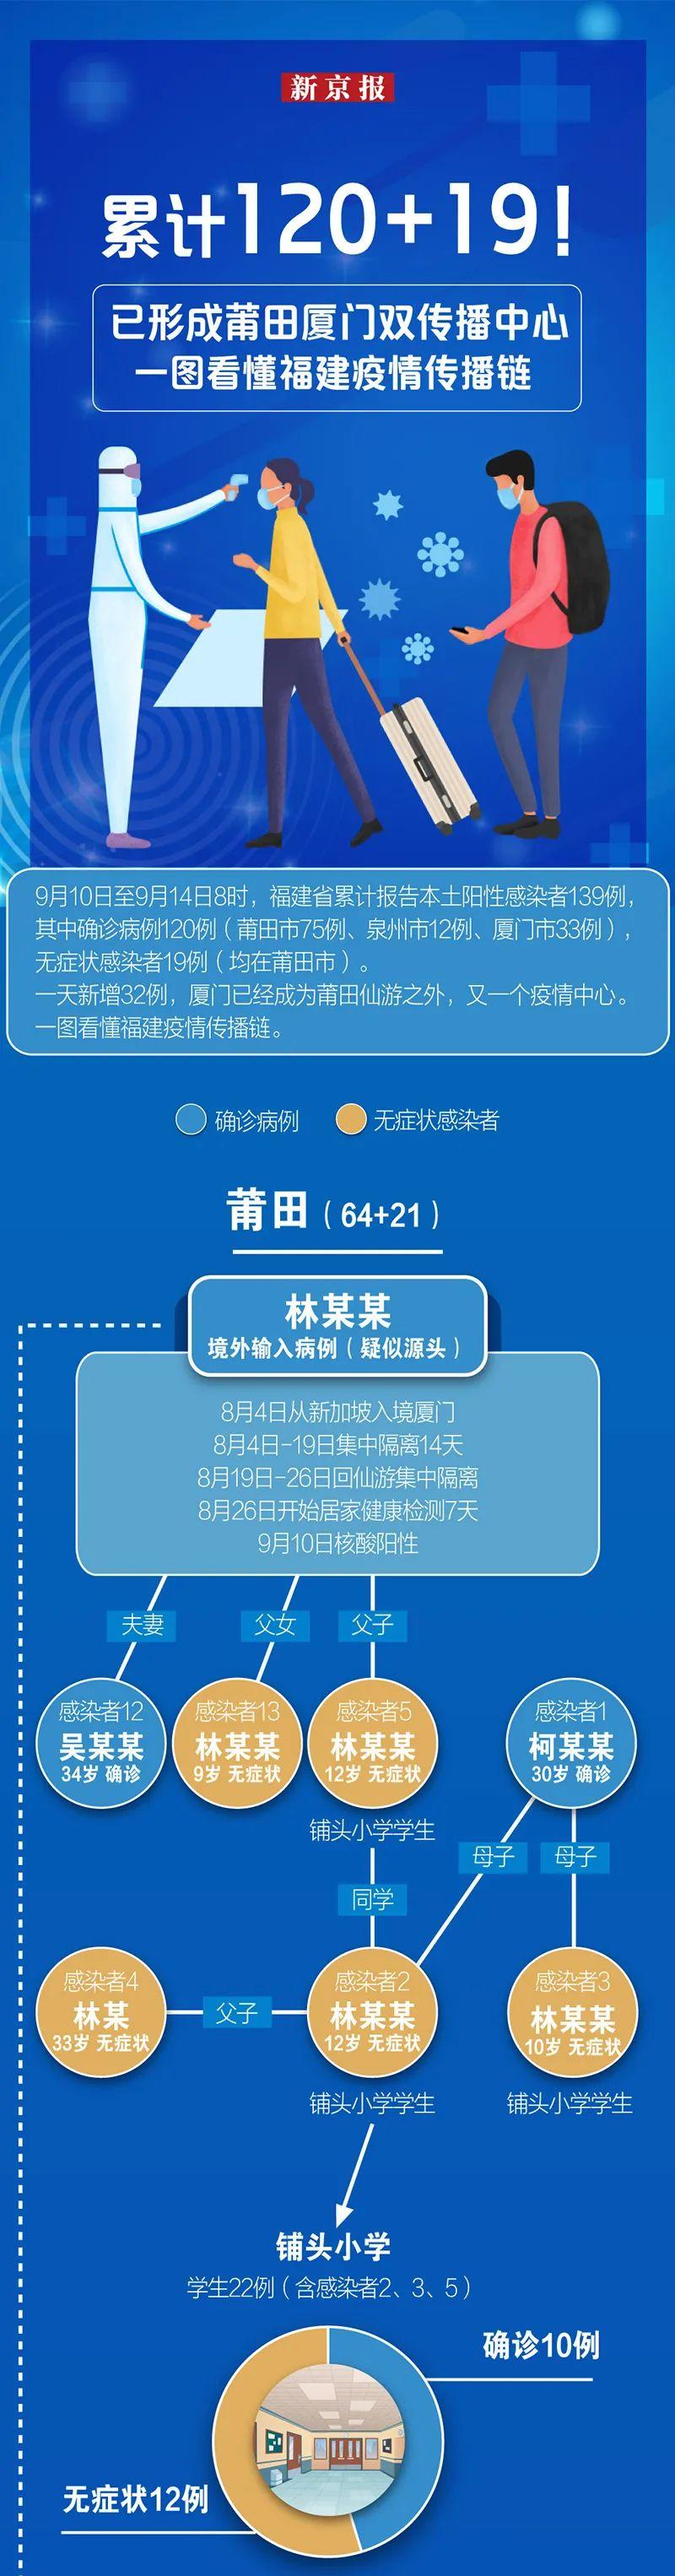 累计120+19!形成莆田厦门双传播中心,一图看懂福建本轮疫情传播链